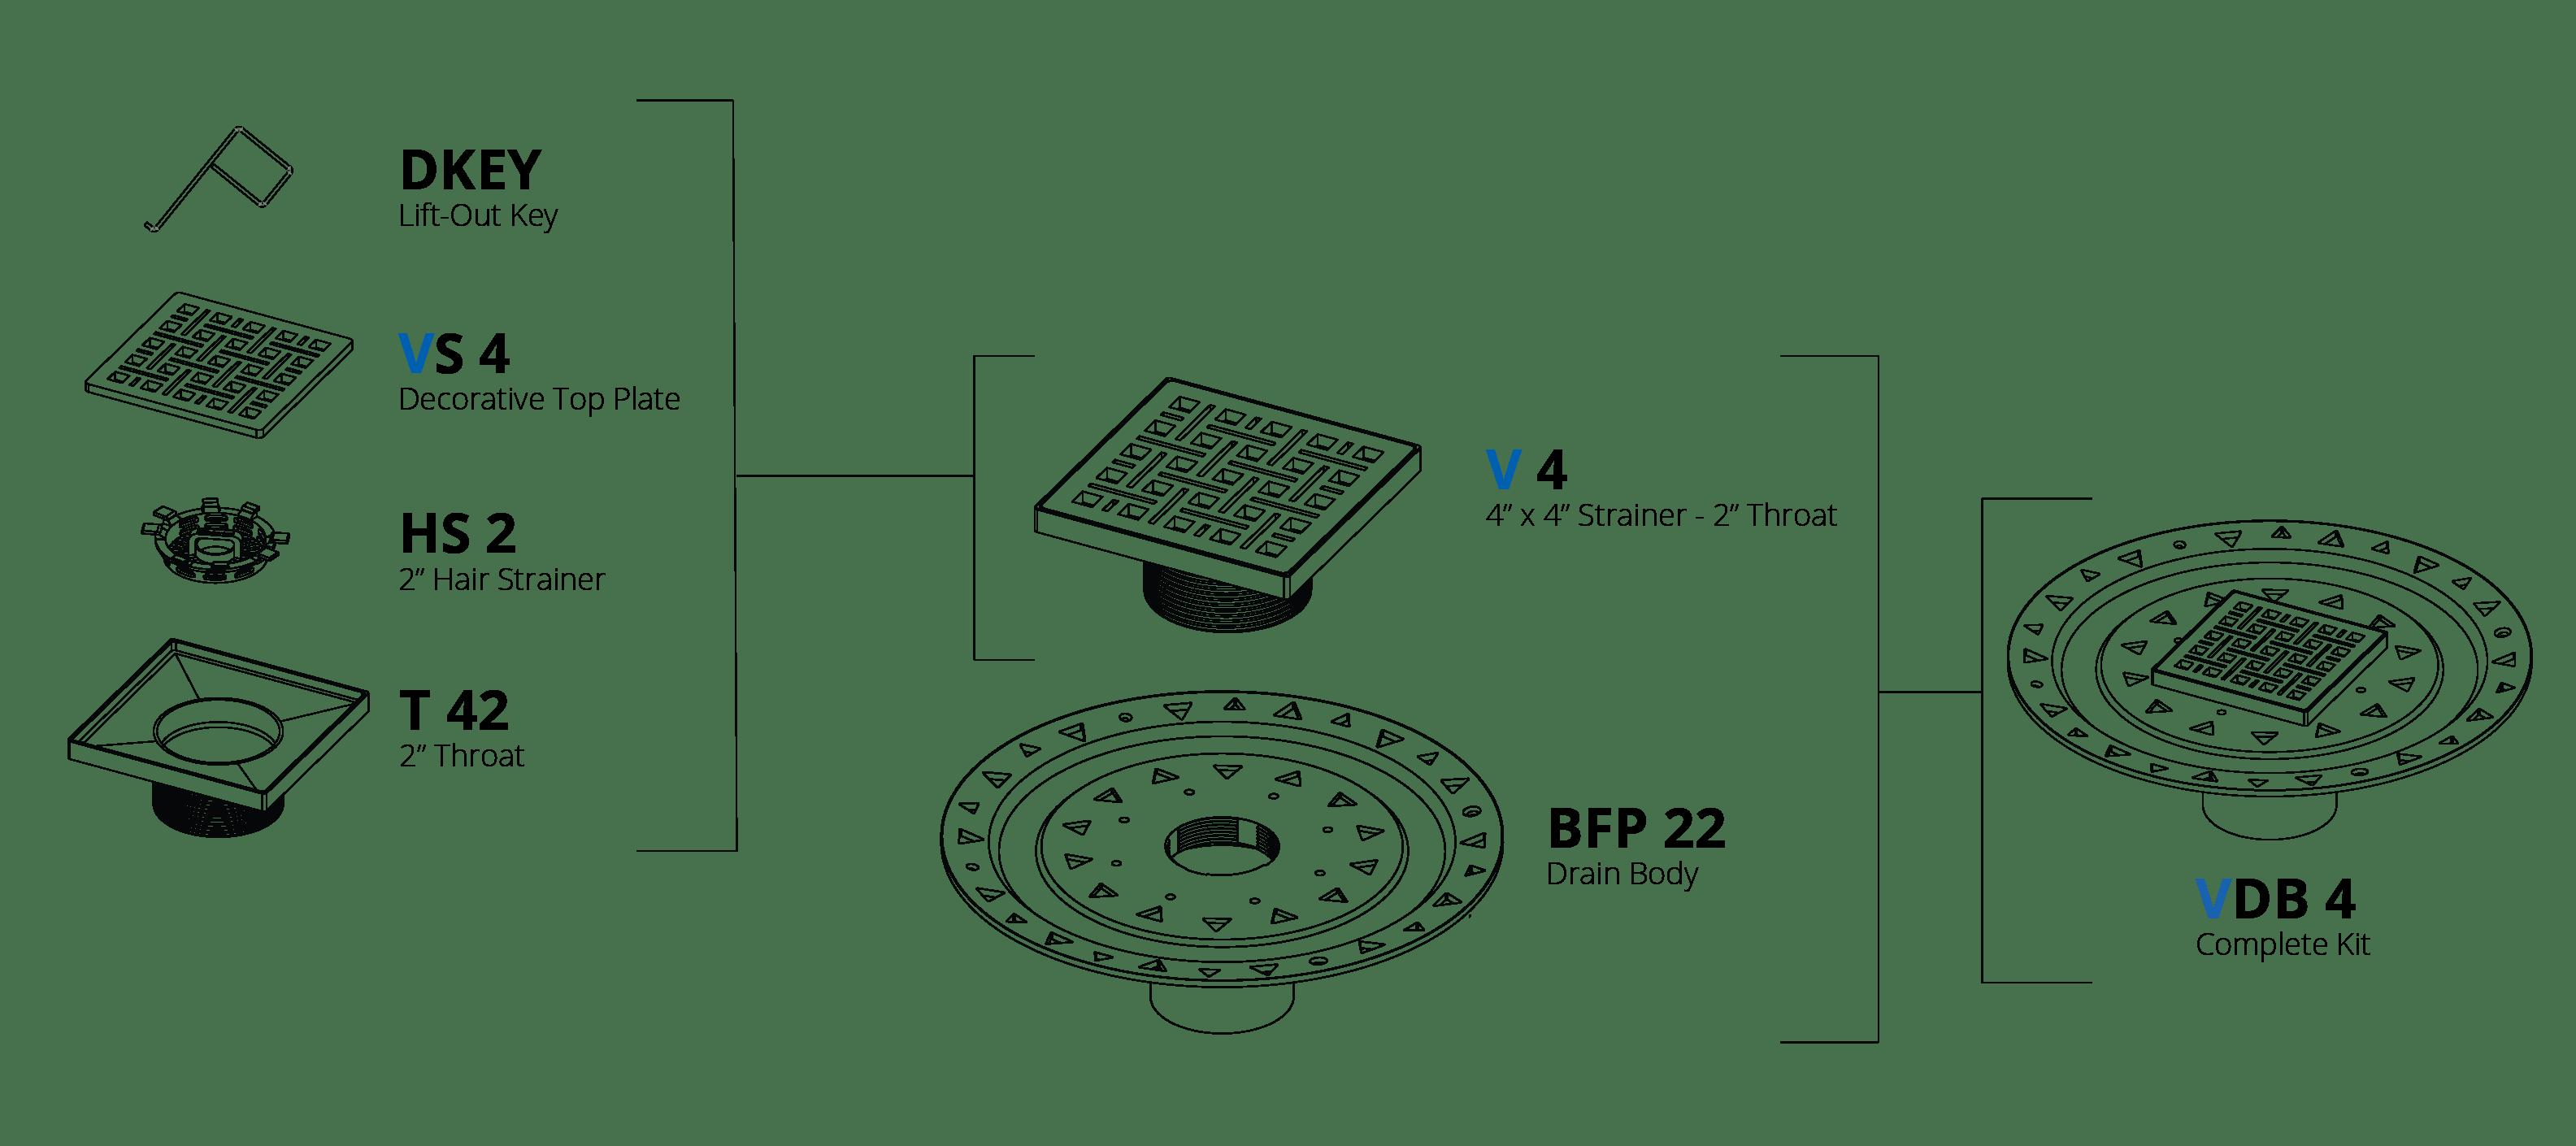 Weave Vdb 4 4x4 Bonded Kit